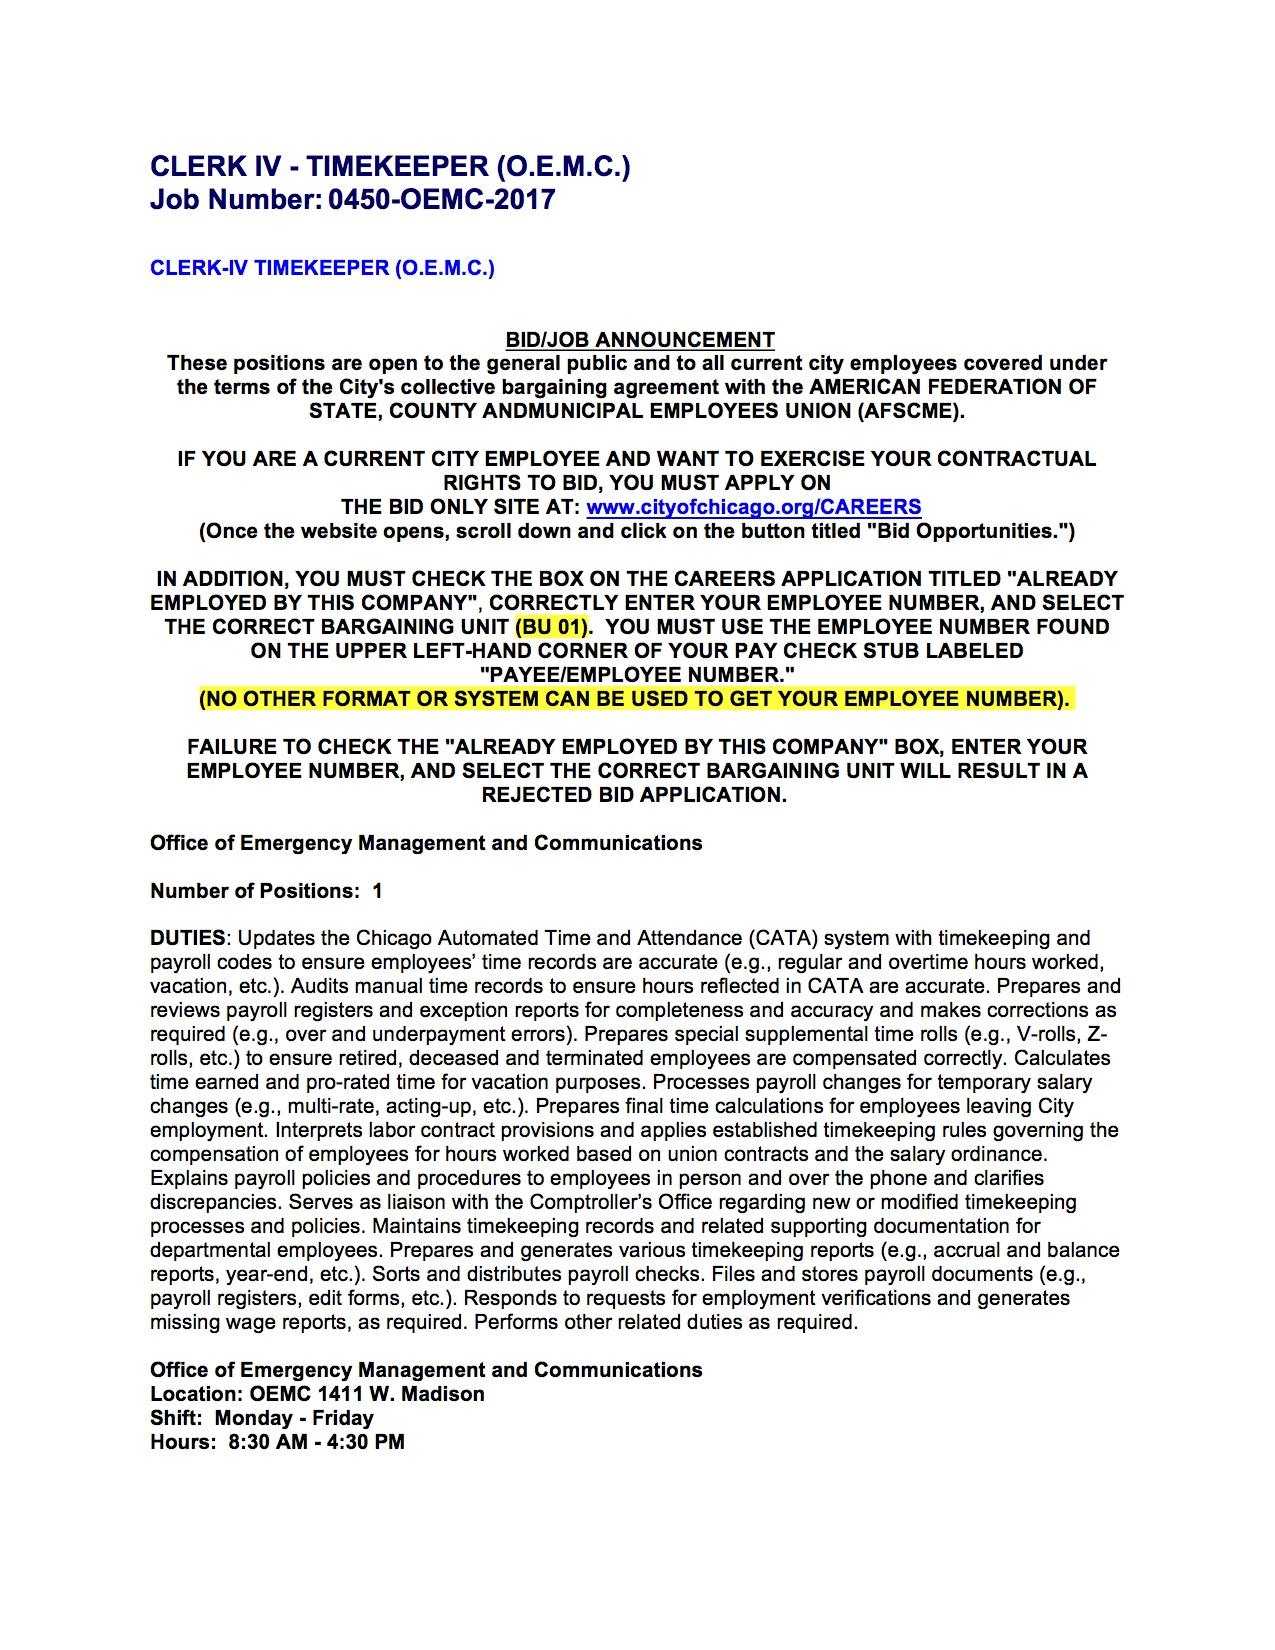 Clerk IV- Timekeeper Job Posting- OEMC.jpg